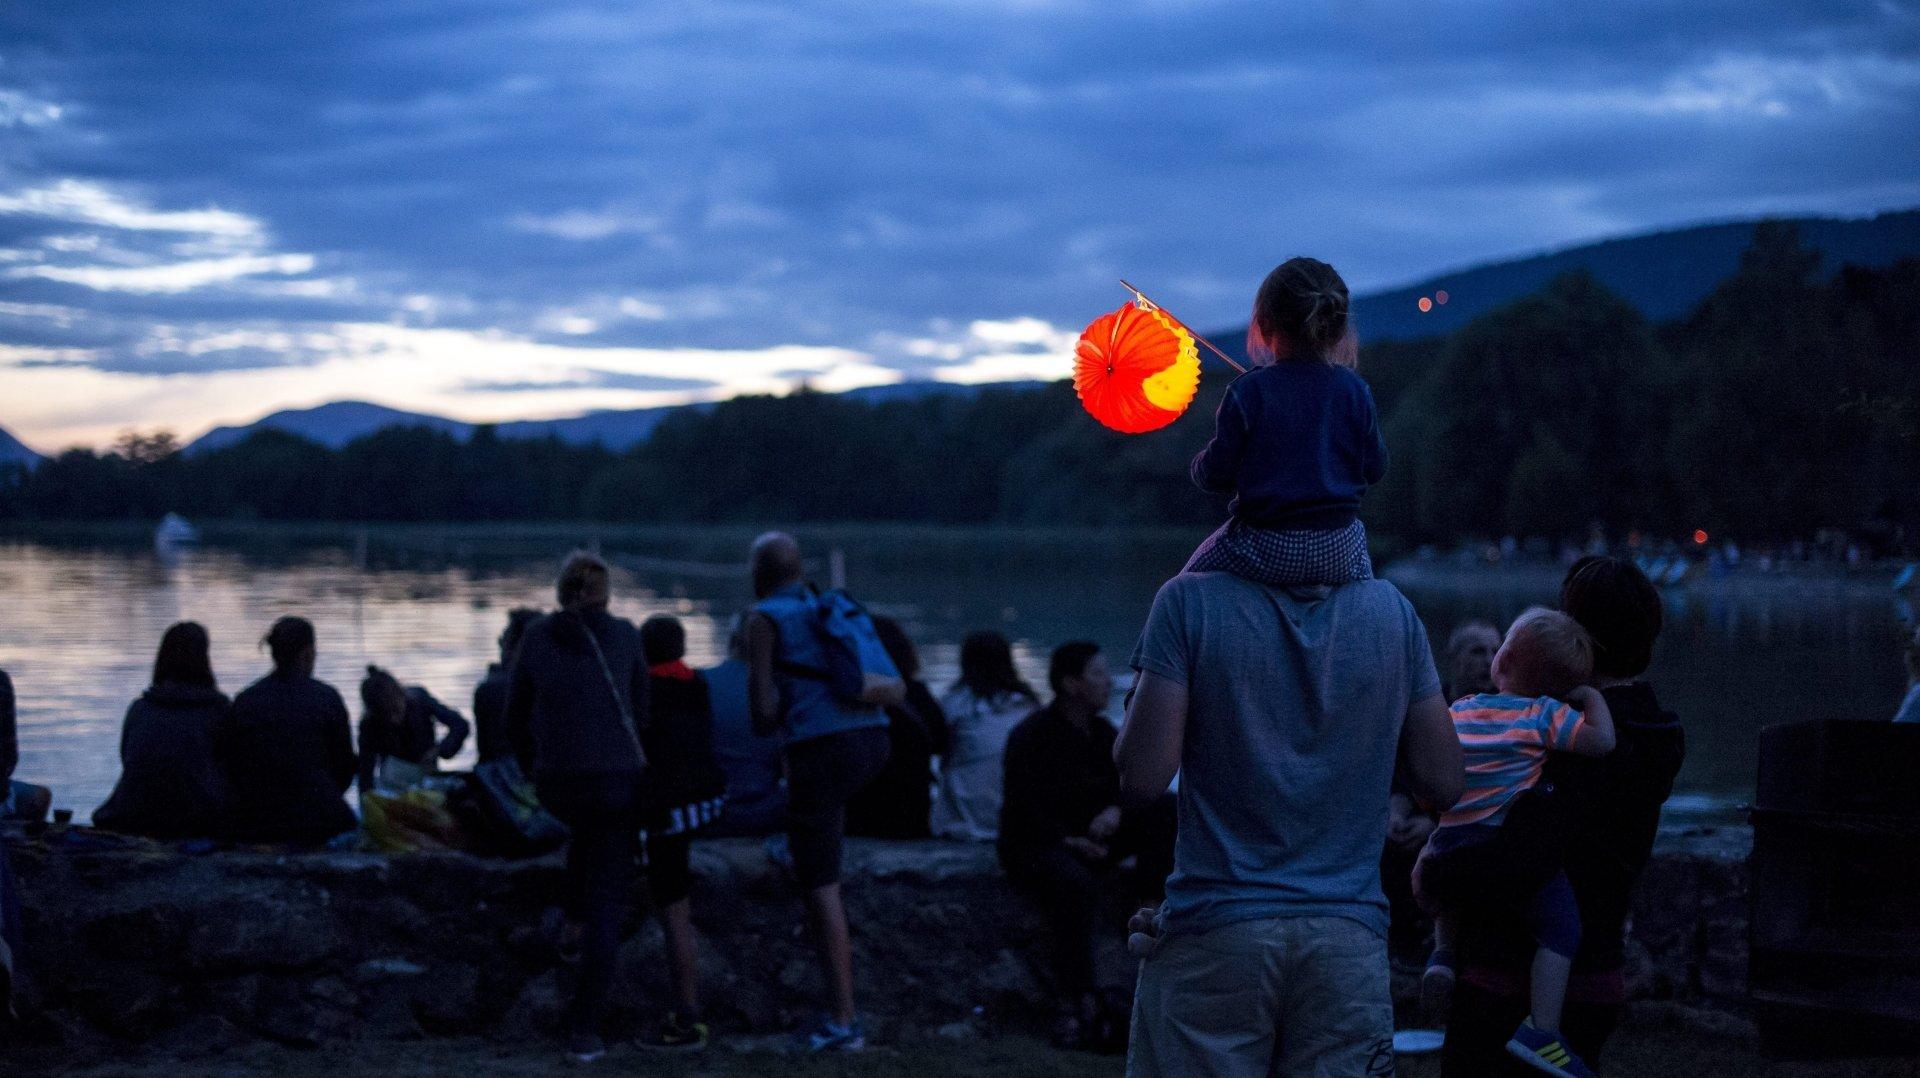 Certaines communes maintiennent leur fête, ou organisent seulement des feux d'artifices.